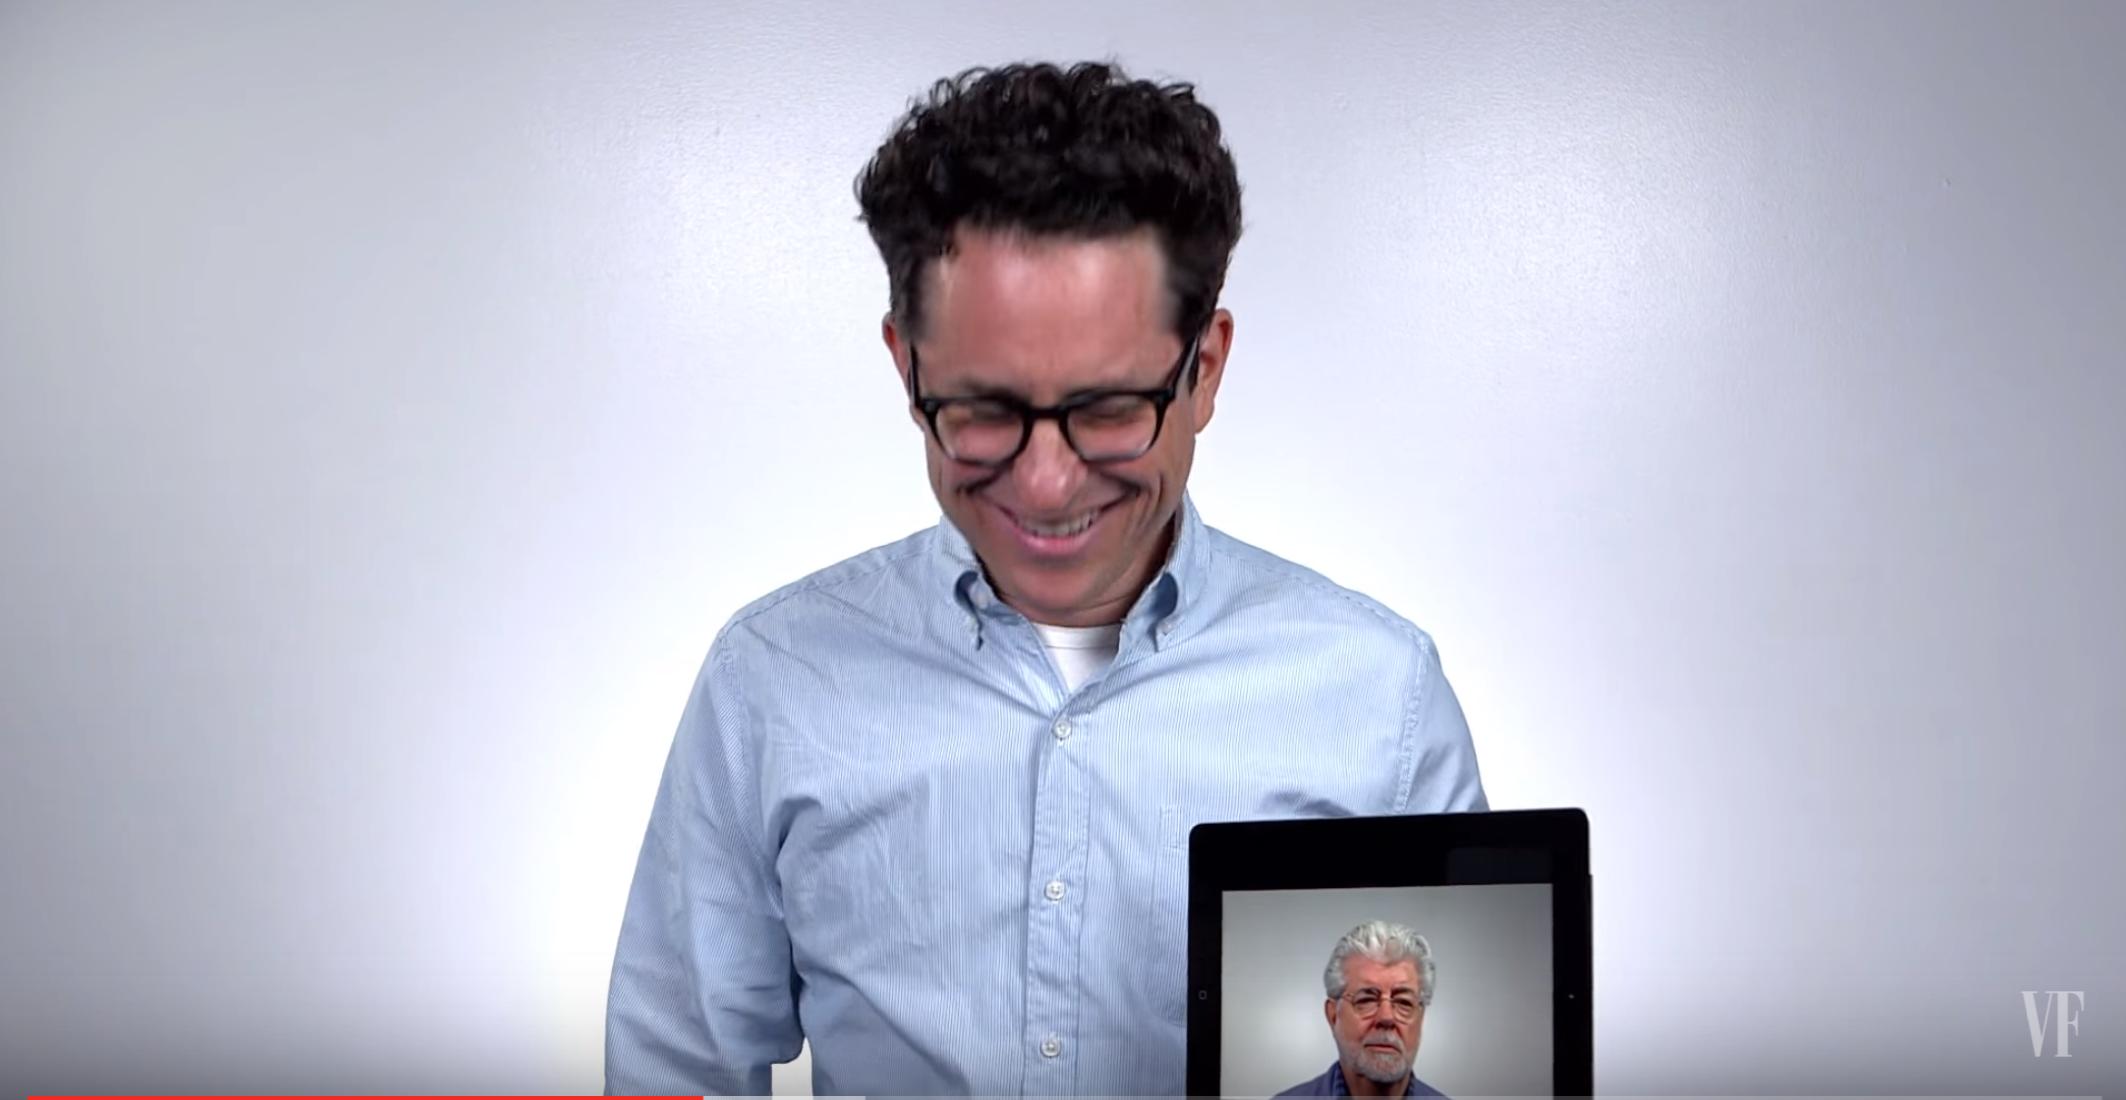 George Lucas Asks J.J. Abrams About Darth Vader's Grandchildren